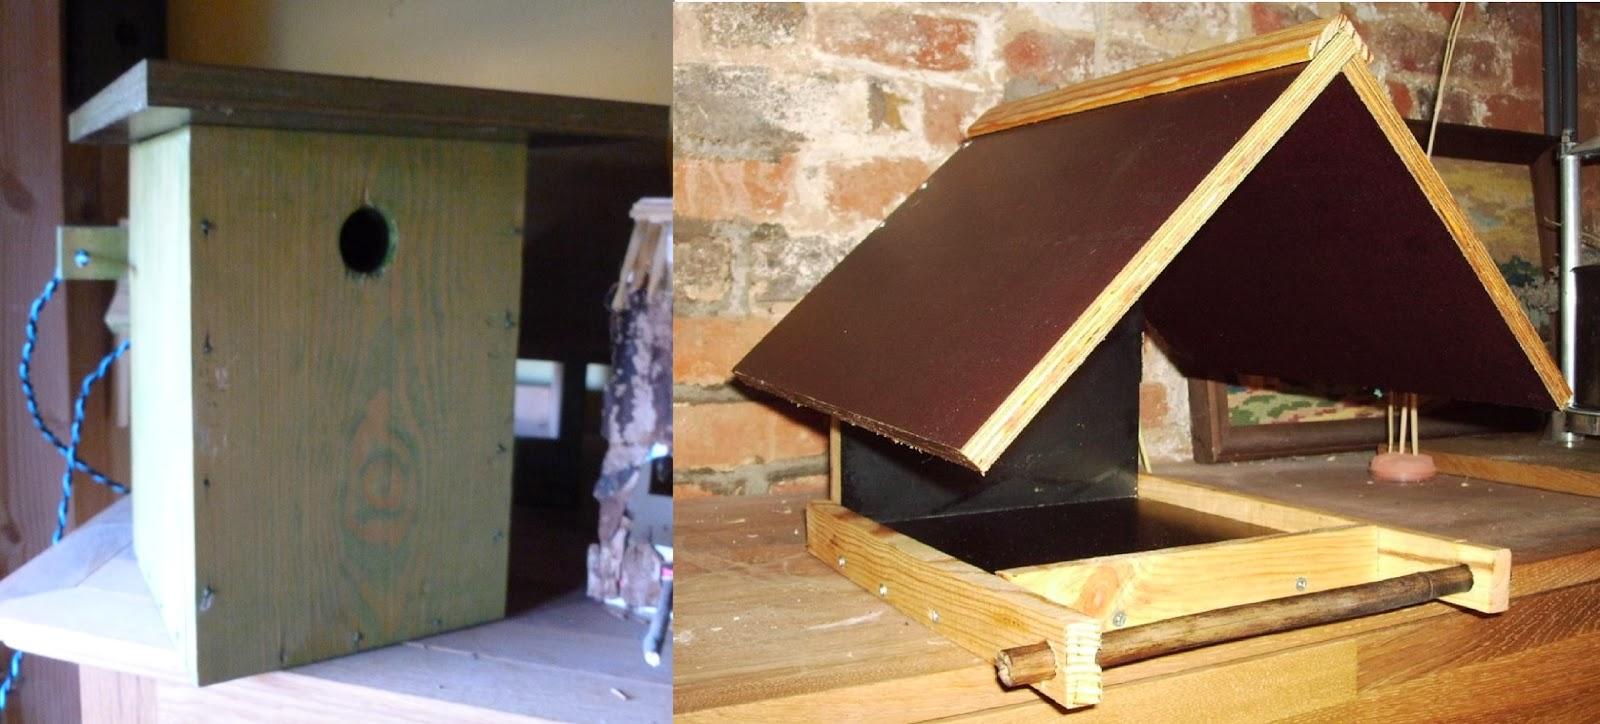 tournesol atelier de fabrication de nichoirs et mangeoires pour oiseaux. Black Bedroom Furniture Sets. Home Design Ideas